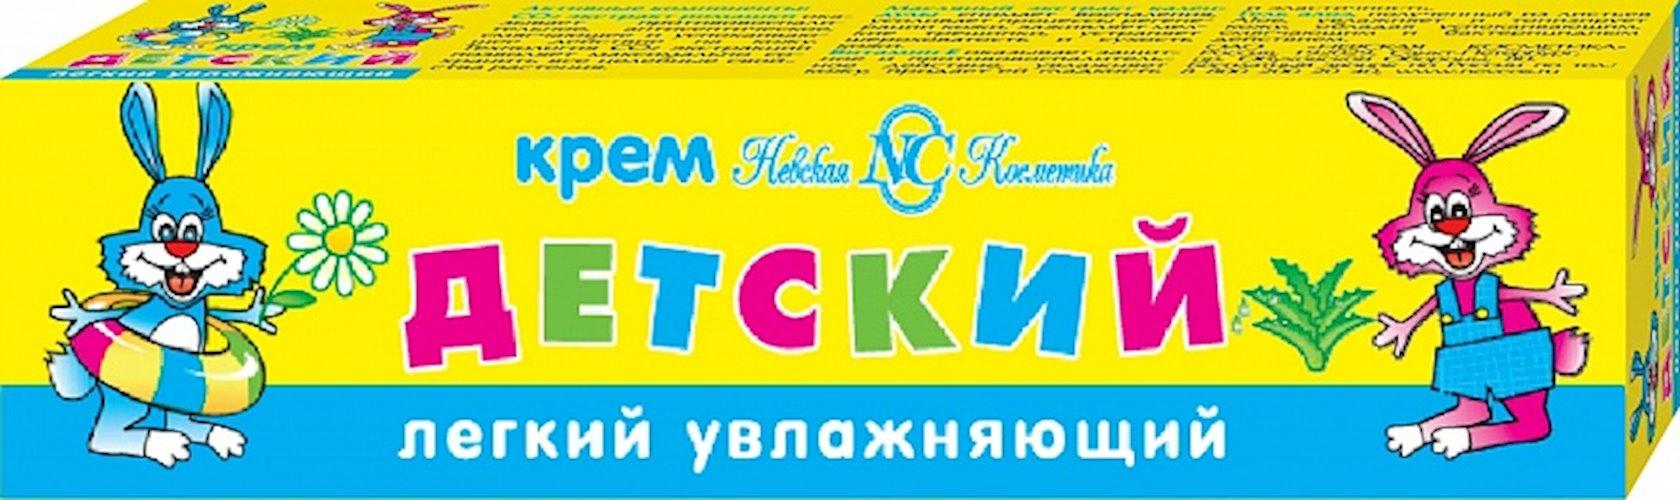 Krem uşaq üçün Невская Косметика Yüngül nəmləndirici, 40 ml